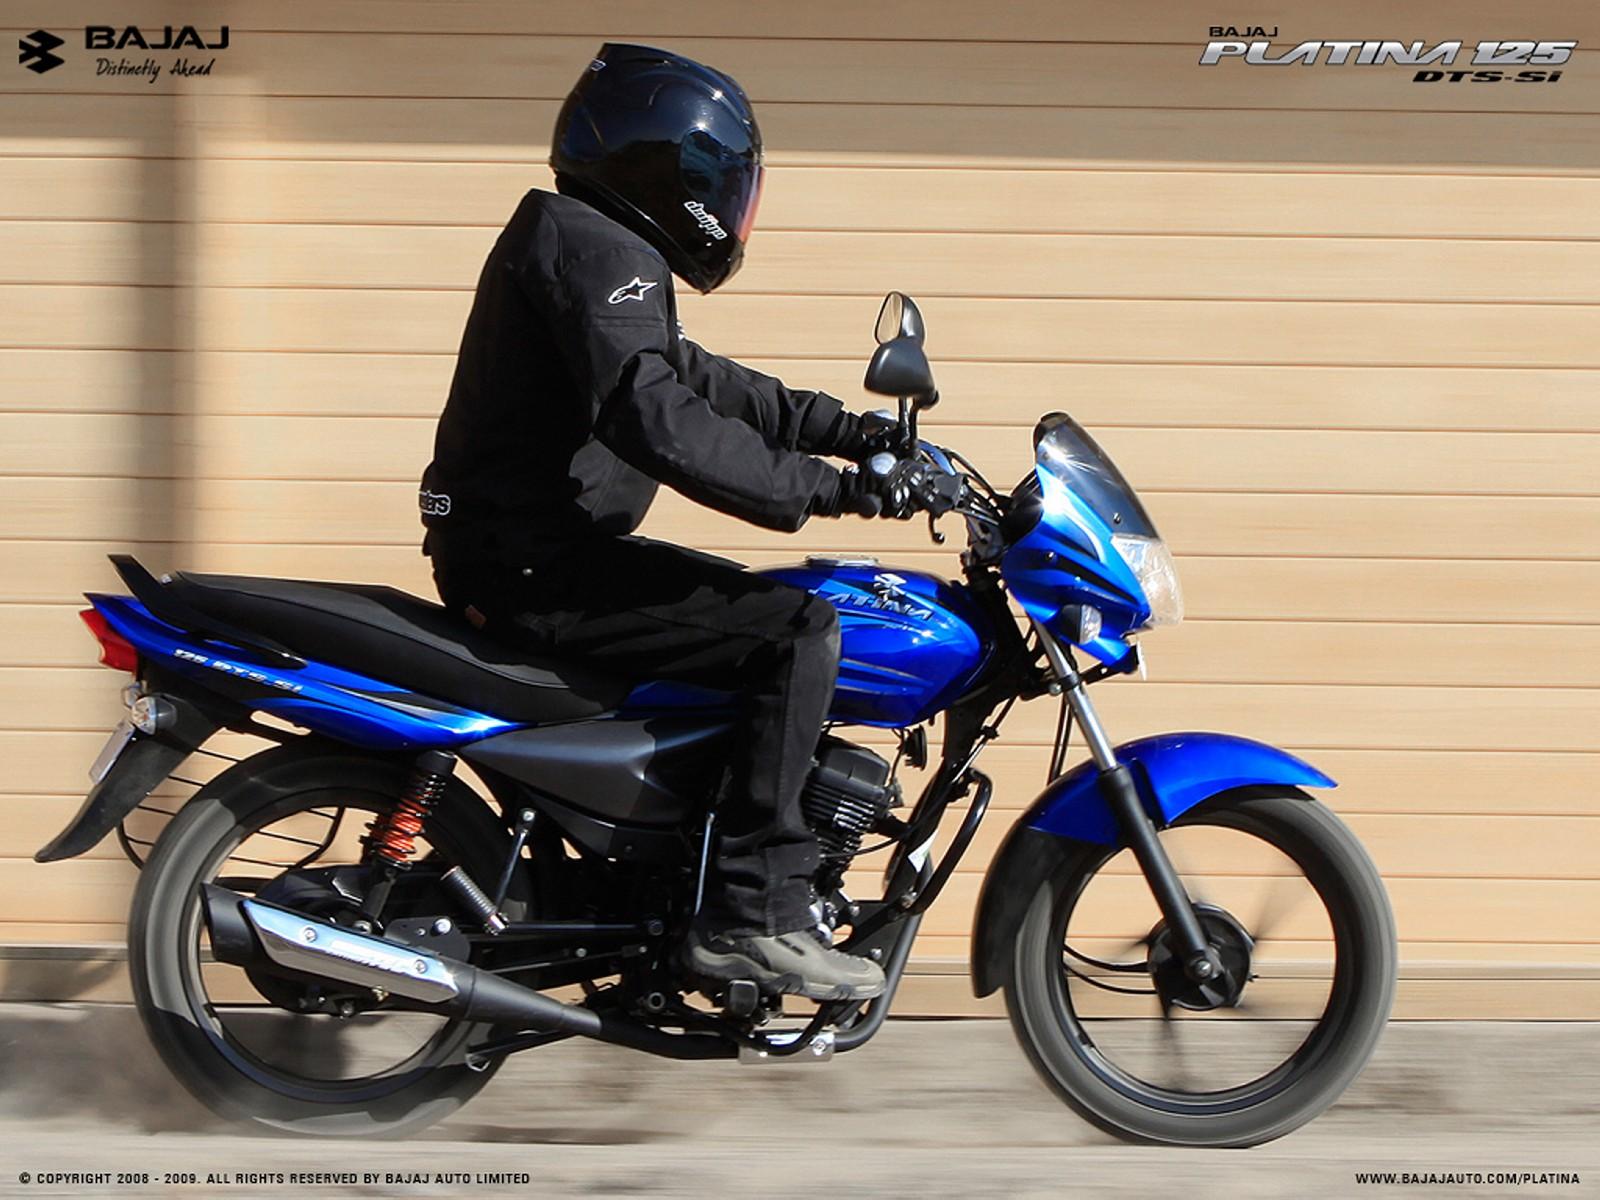 Motorcycle Pictures Bajaj Platina 125